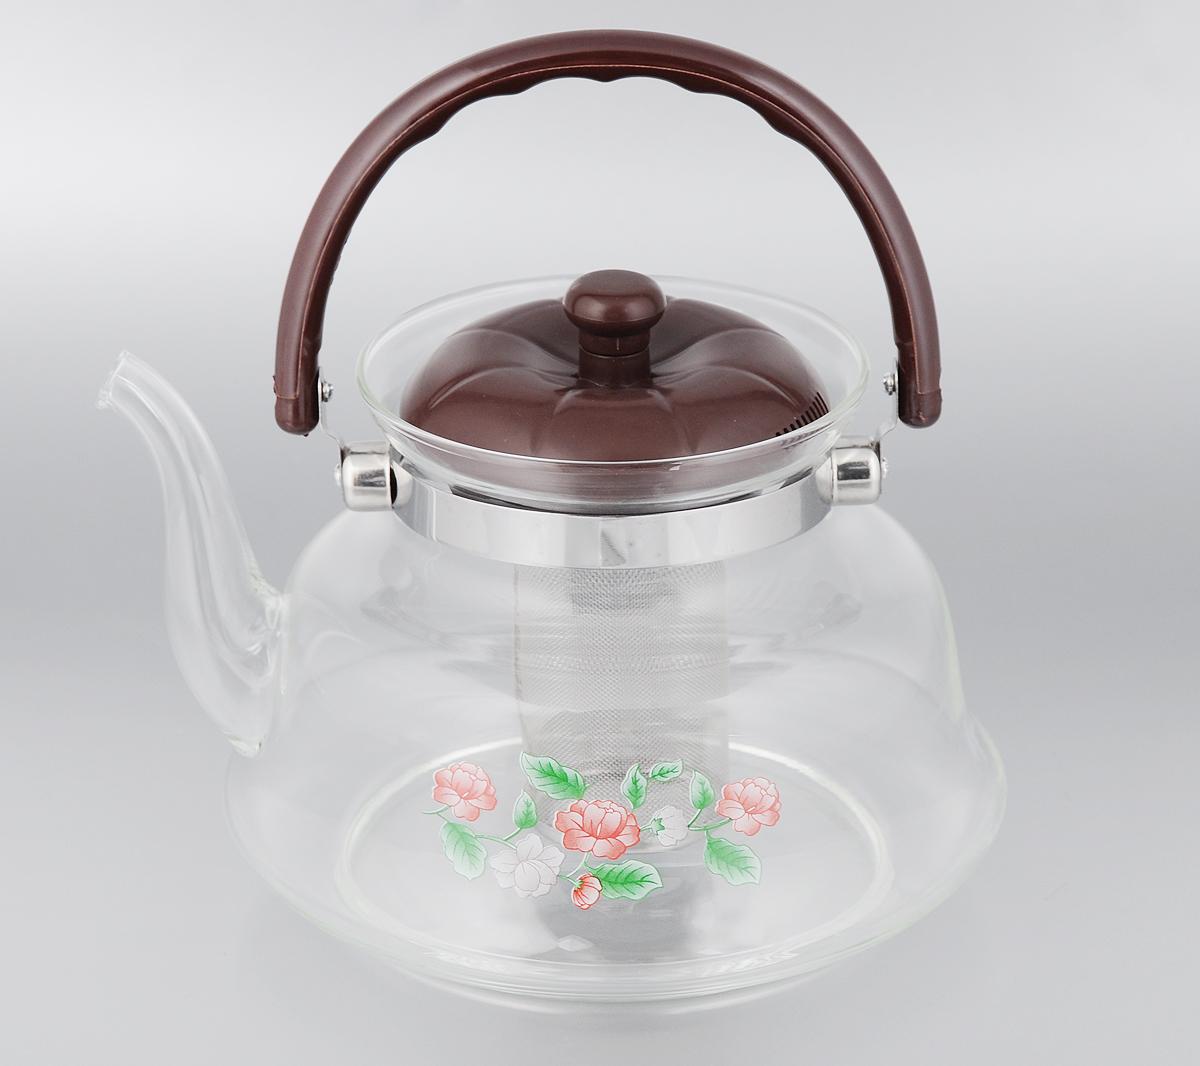 Чайник заварочный Mayer & Boch, с фильтром, 2,2 л. 2078320783Заварочный чайник Mayer & Boch, выполненный из термостойкого стекла, предоставит вам все необходимые возможности для успешного заваривания чая. Изделие оснащено пластиковой ручкой, крышкой и сетчатым фильтром из нержавеющей стали, который задерживает чаинки и предотвращает их попадание в чашку. Чай в таком чайнике дольше остается горячим, а полезные и ароматические вещества полностью сохраняются в напитке. Эстетичный и функциональный чайник будет оригинально смотреться в любом интерьере. Не рекомендуется мыть в посудомоечной машине. Диаметр чайника (по верхнему краю): 12,5 см. Высота чайника (без учета ручки и крышки): 15 см. Высота фильтра: 9,5 см.